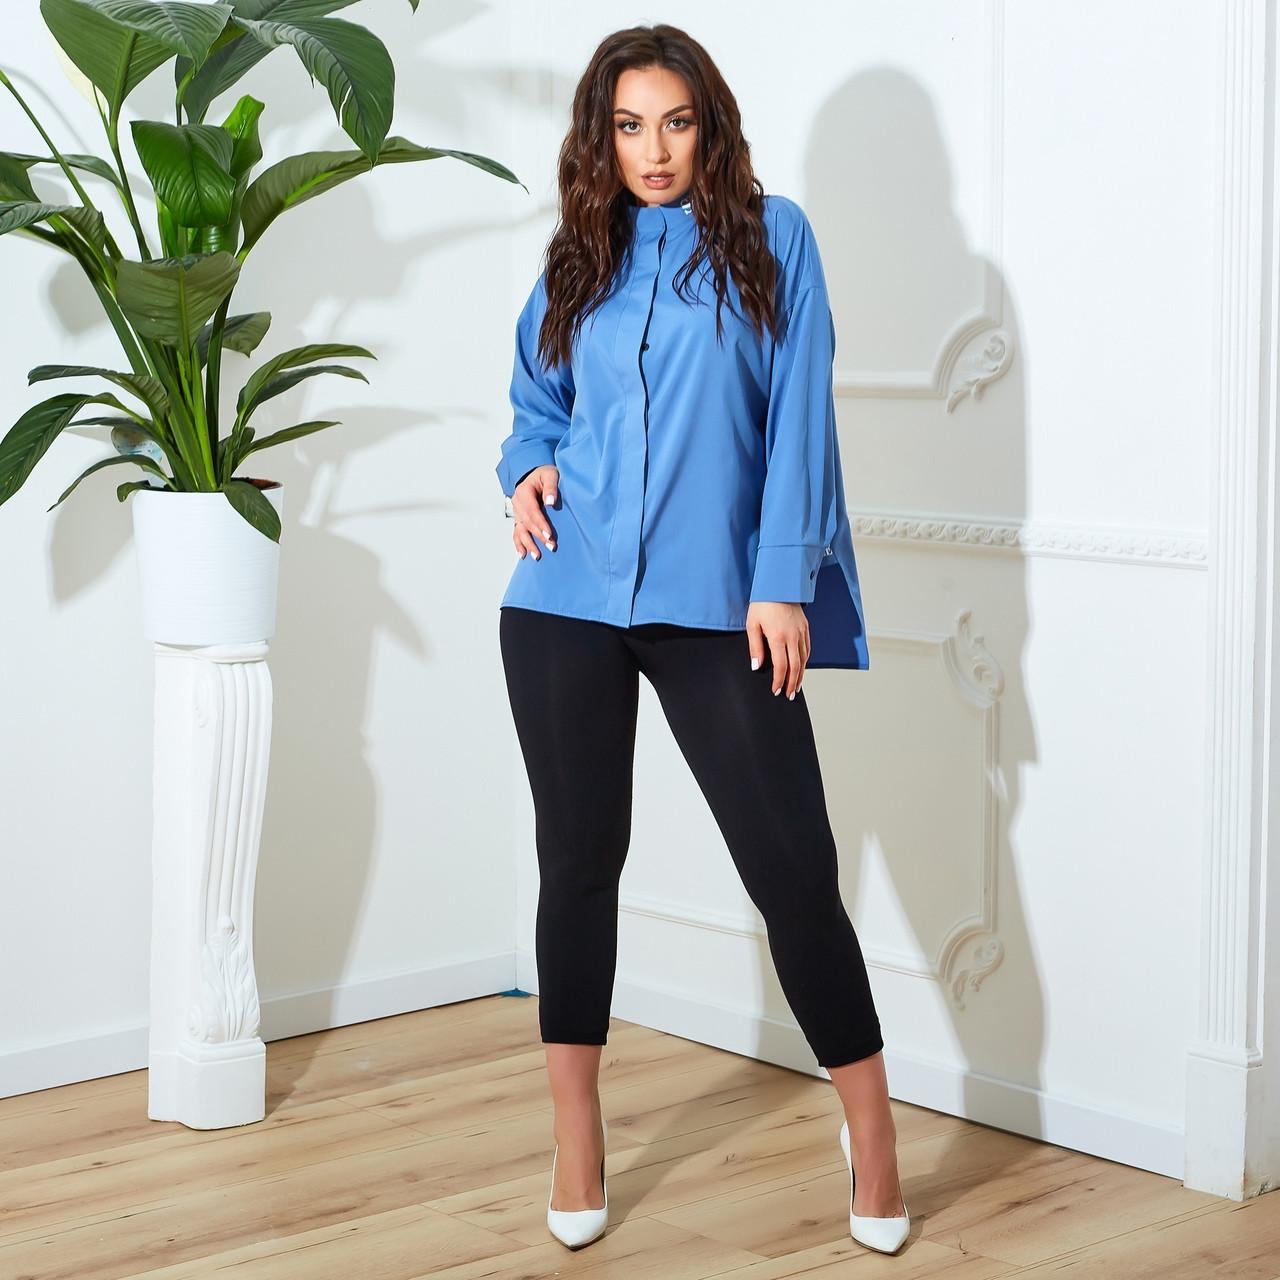 Женская рубашка, софт, р-р 48-50; 52-54; 56-58; 60-62 (джинс)